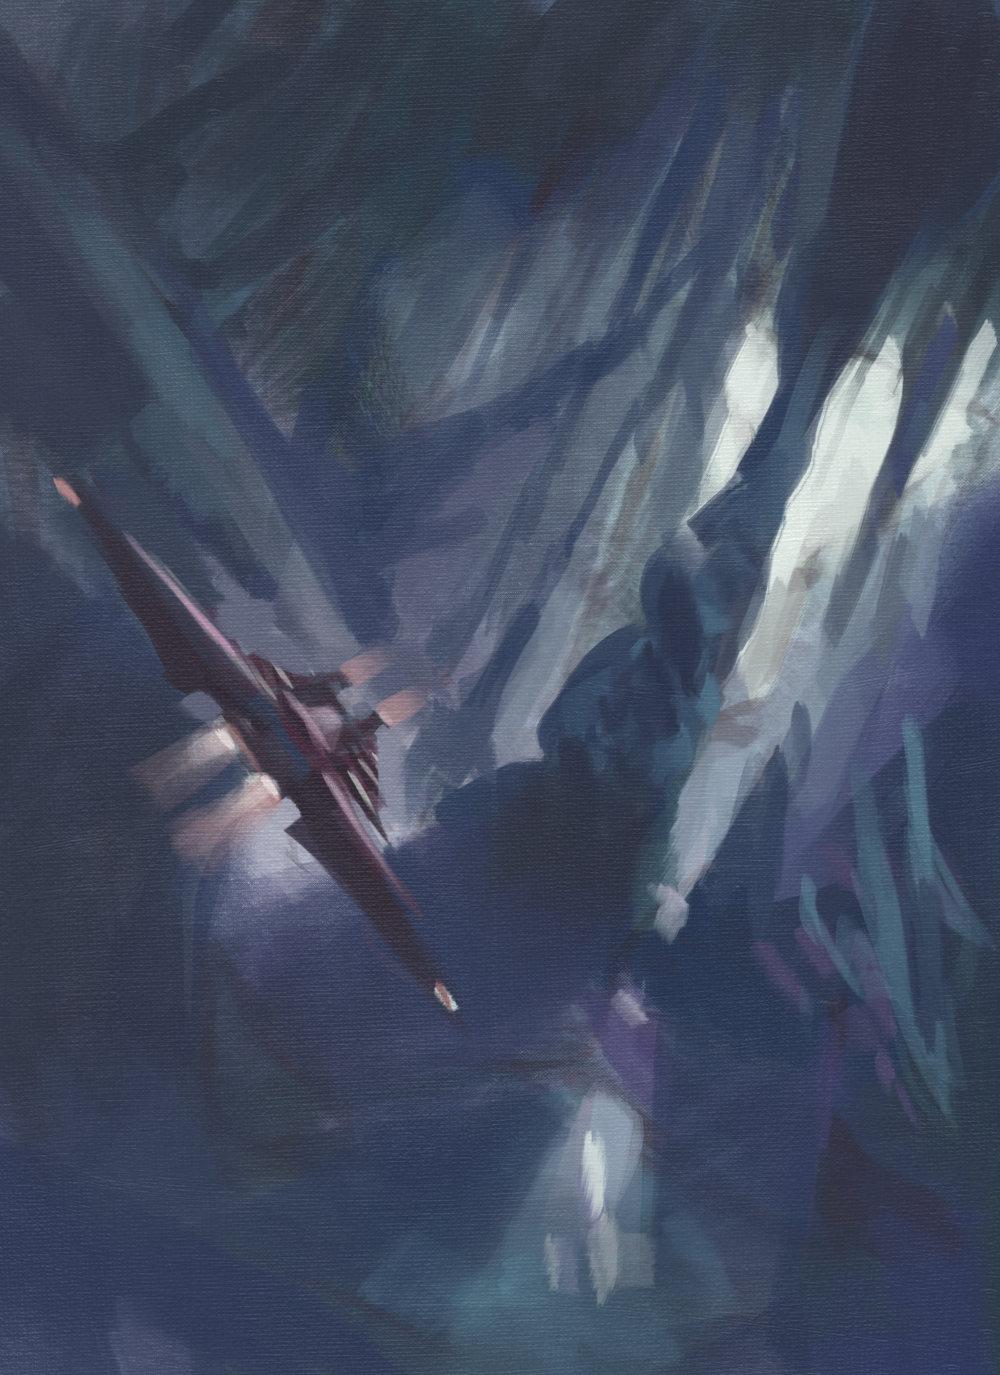 spitpaint-cave-exploring-ship.jpg